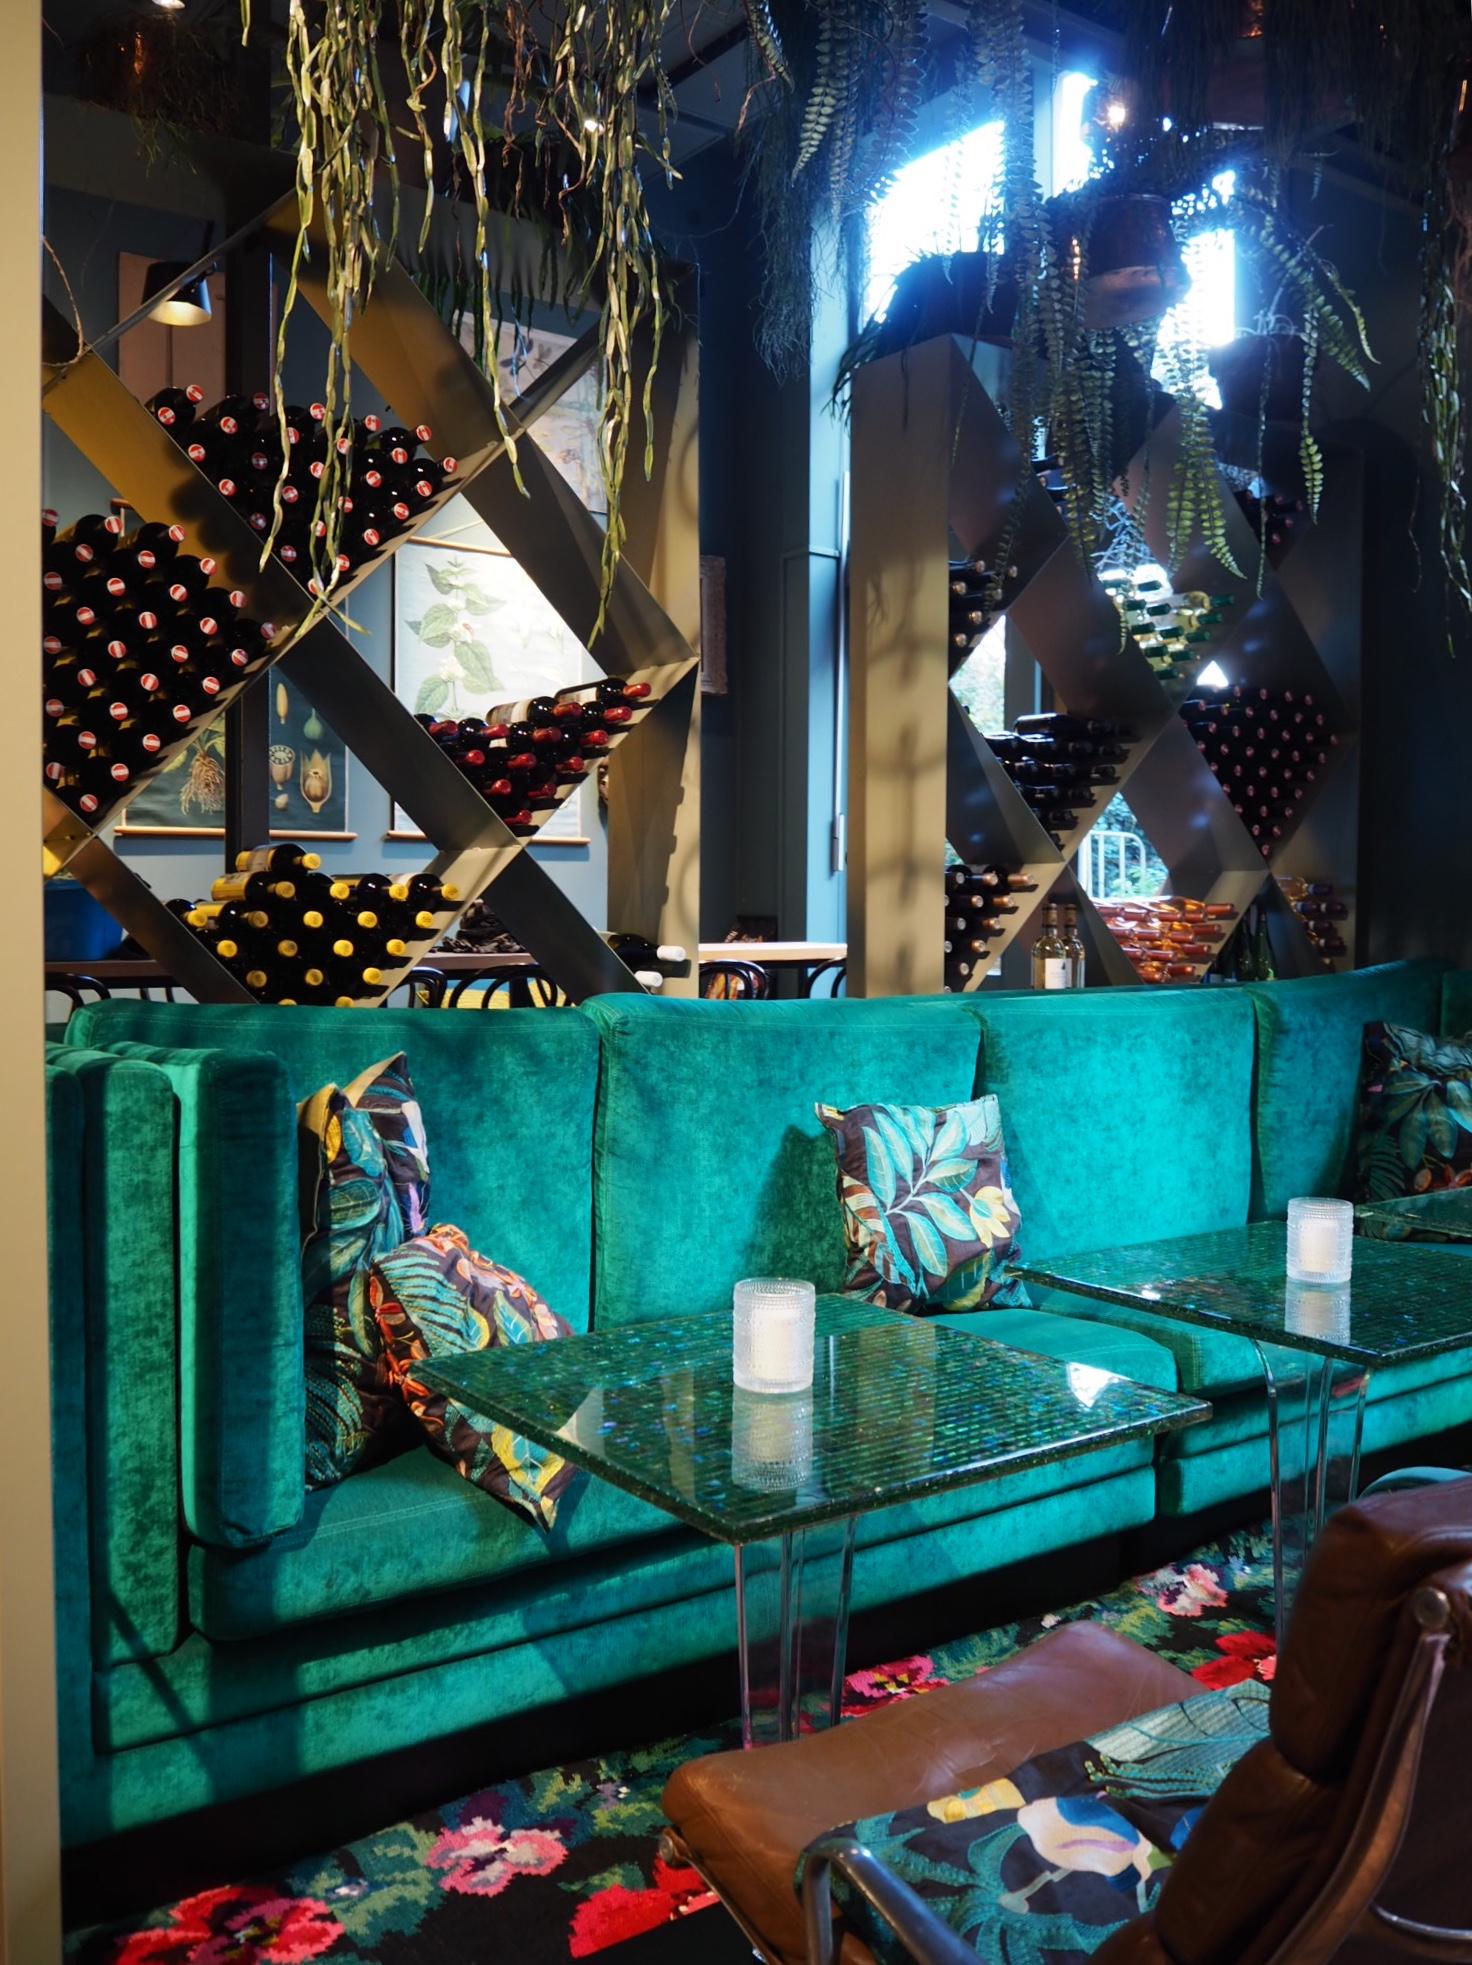 Een groene fluwelen bank met glazen tafels en wijnflessen in grote vierkante rekken